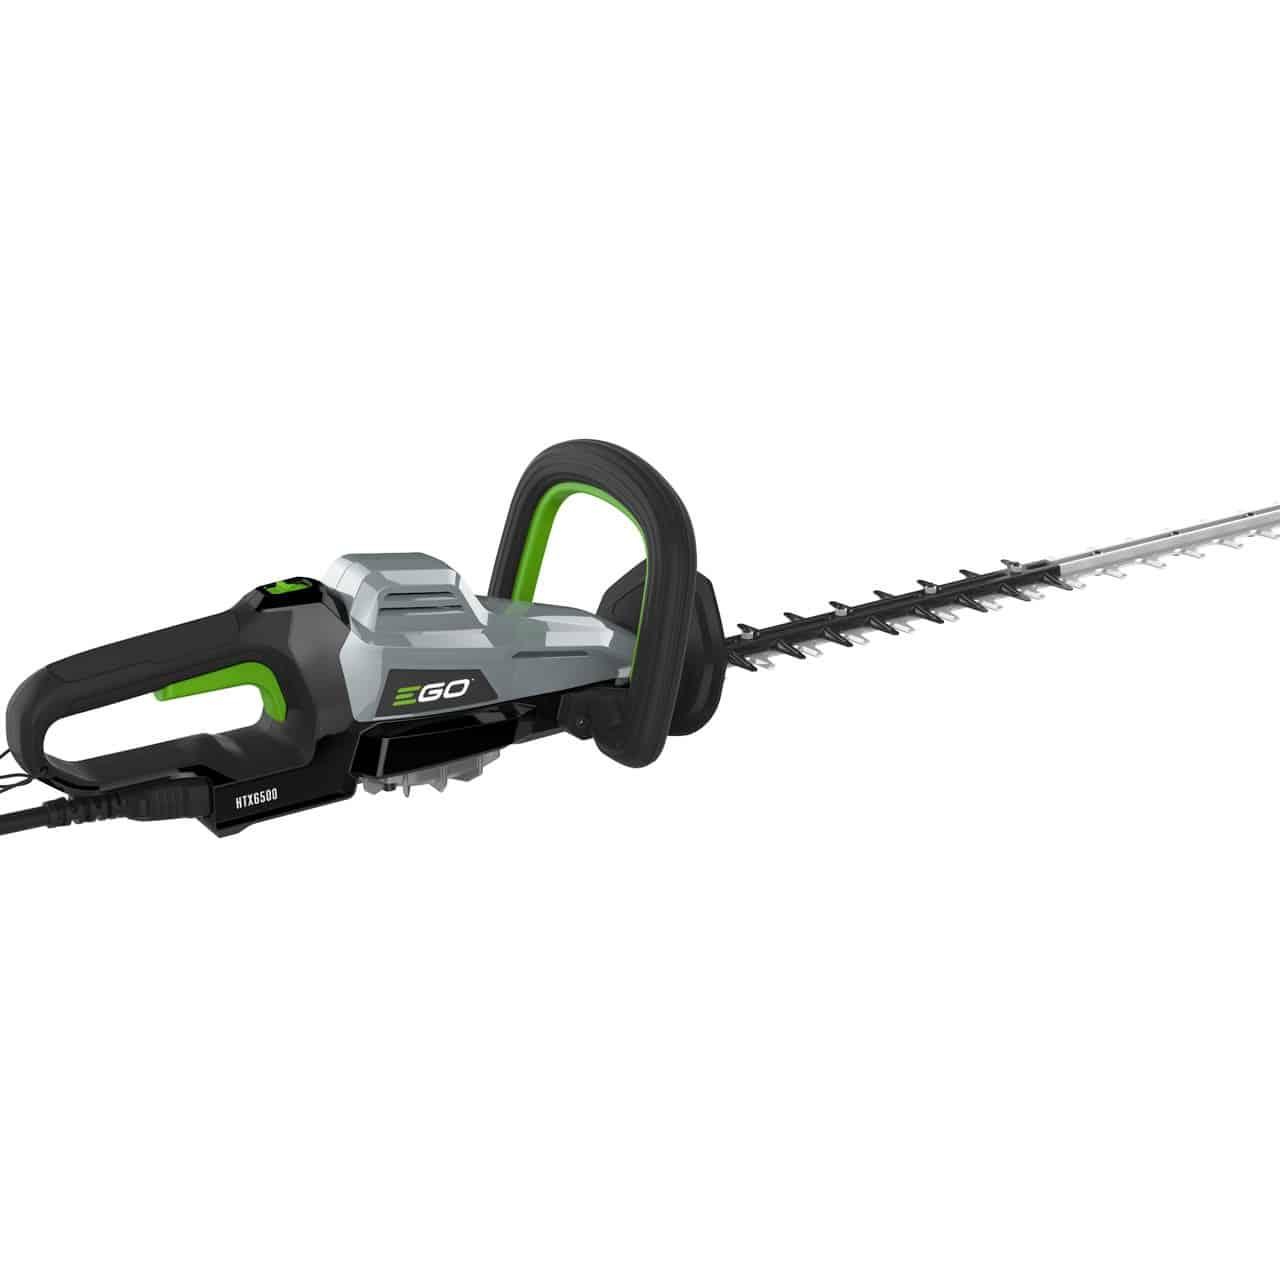 EGO HTX6500 Hedge Cutter